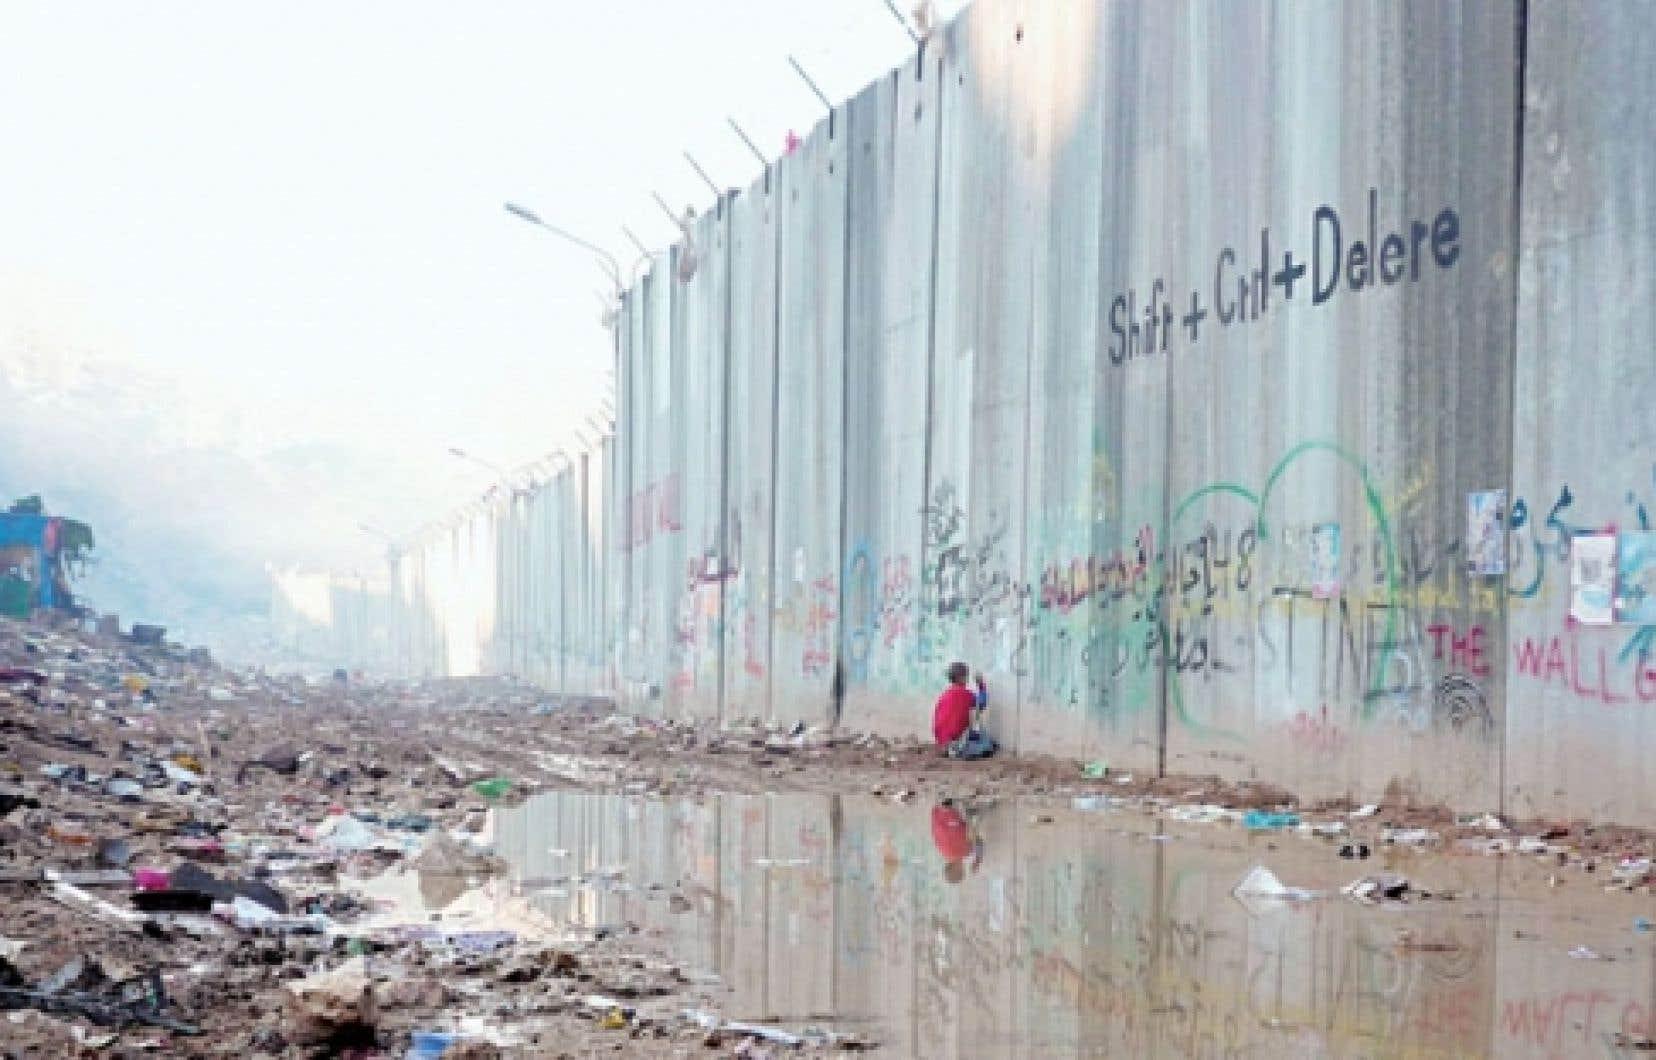 Inch'Allah pose un regard troublé sur les réalités complexes du Moyen-Orient.